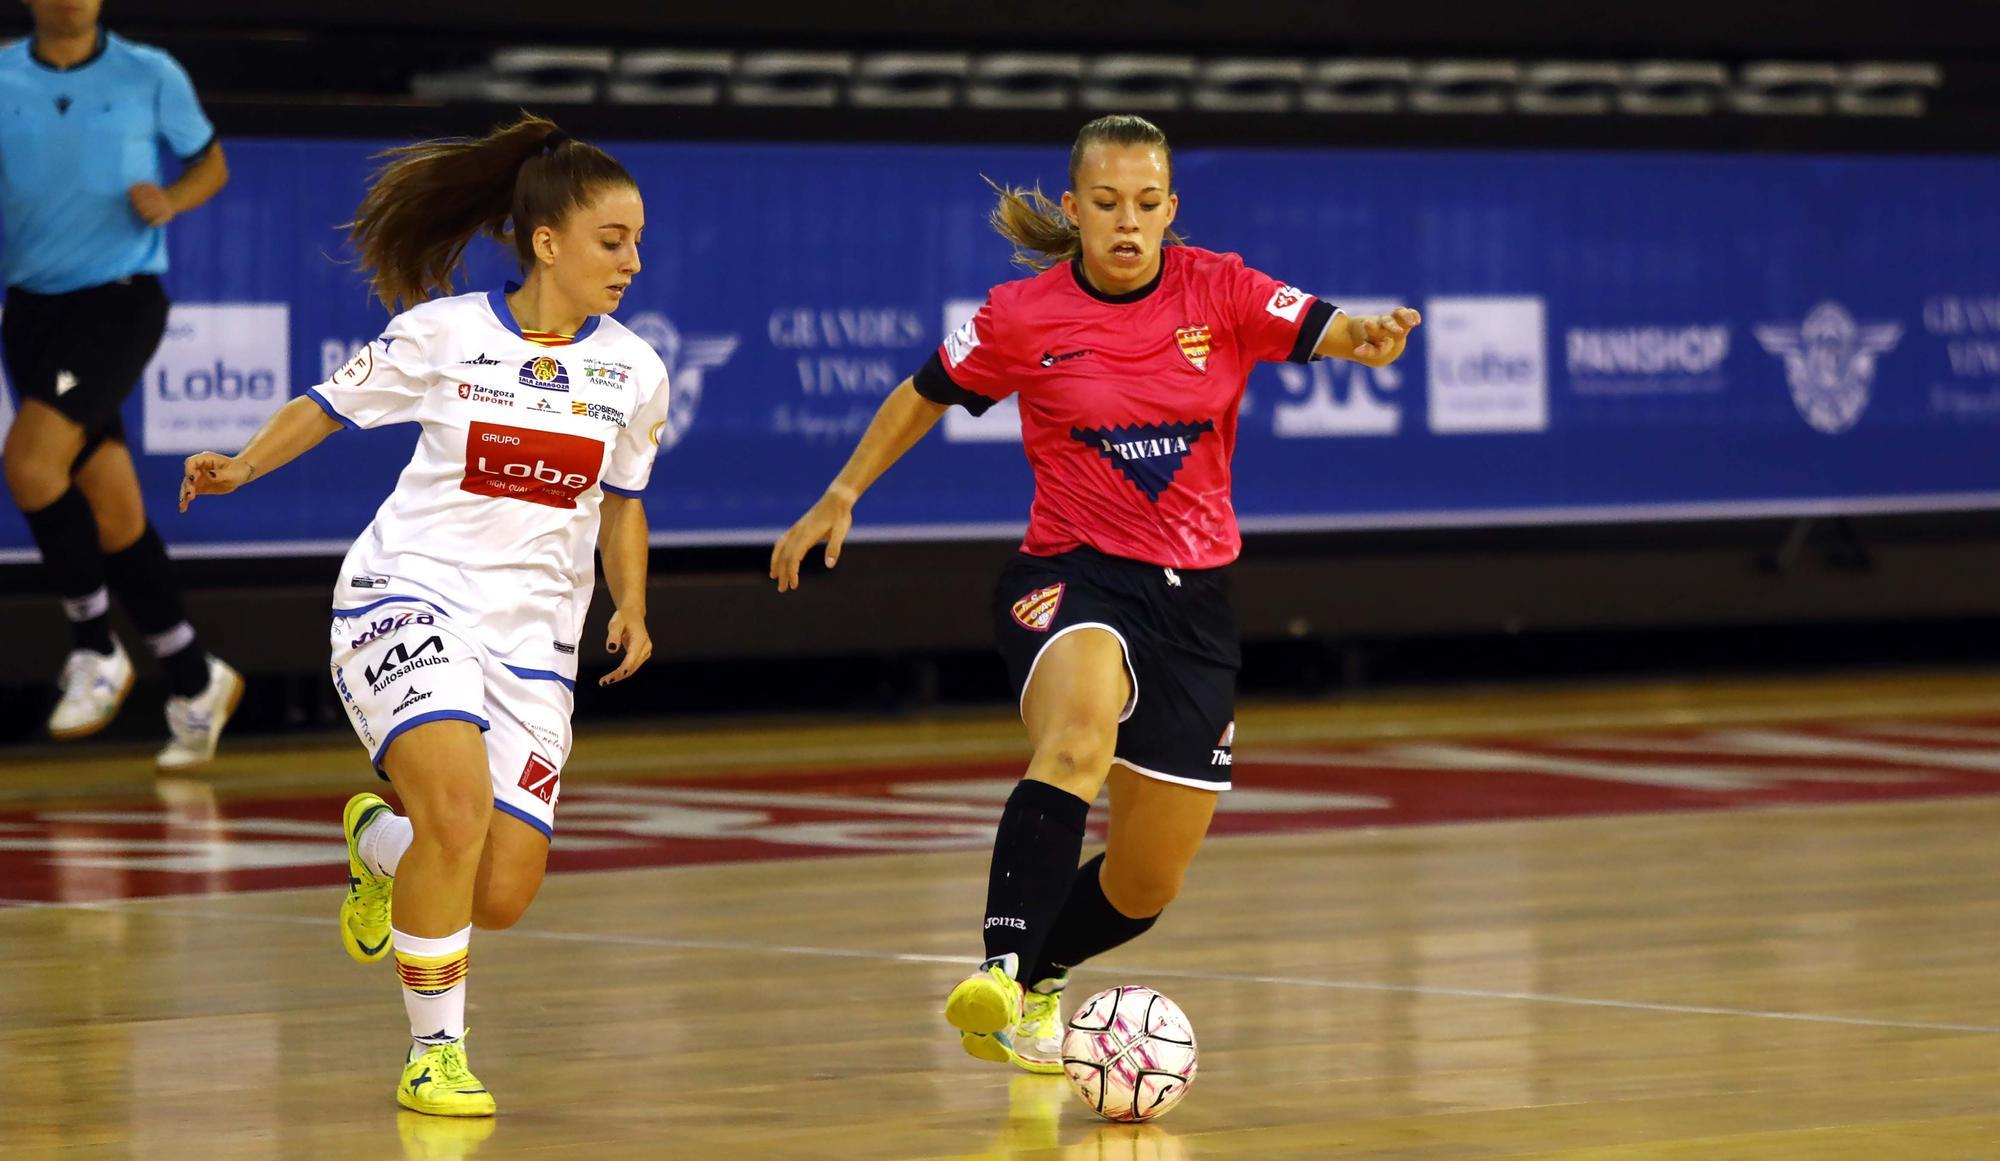 Trofeo Nuestra Señora del Pilar de fútbol sala femenino